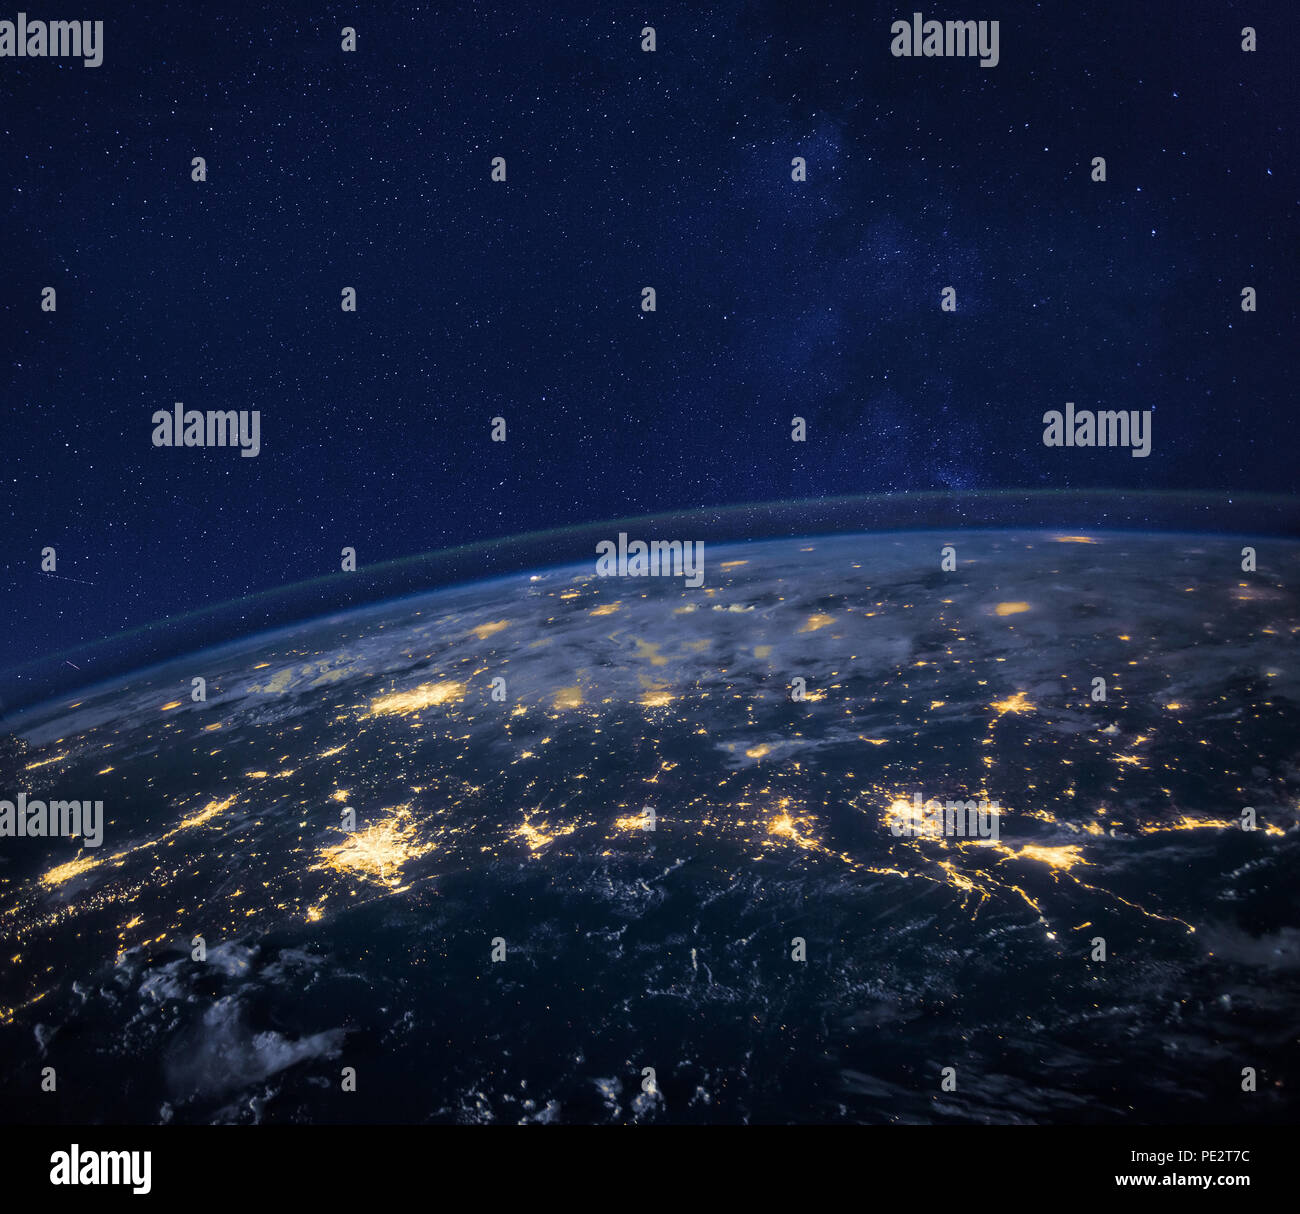 Vista notturna del pianeta Terra dallo spazio, bello sfondo con luci e stelle, vicino, immagine originale fornita dalla NASA Immagini Stock